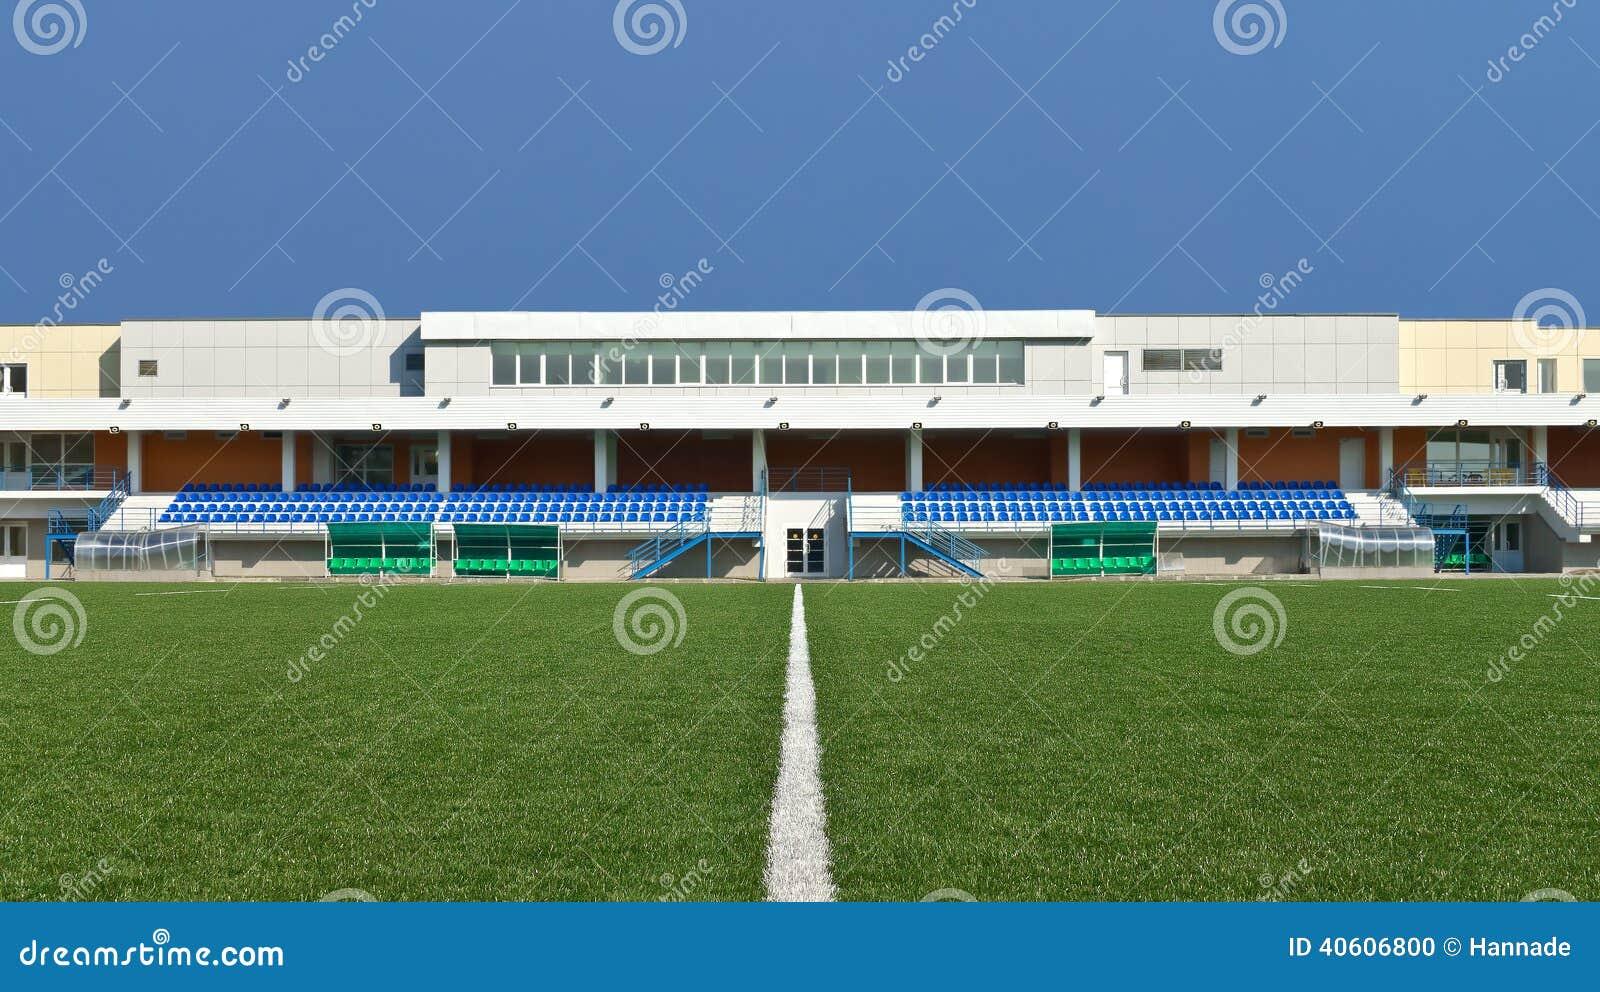 Стадион и игровая площадка трибуны